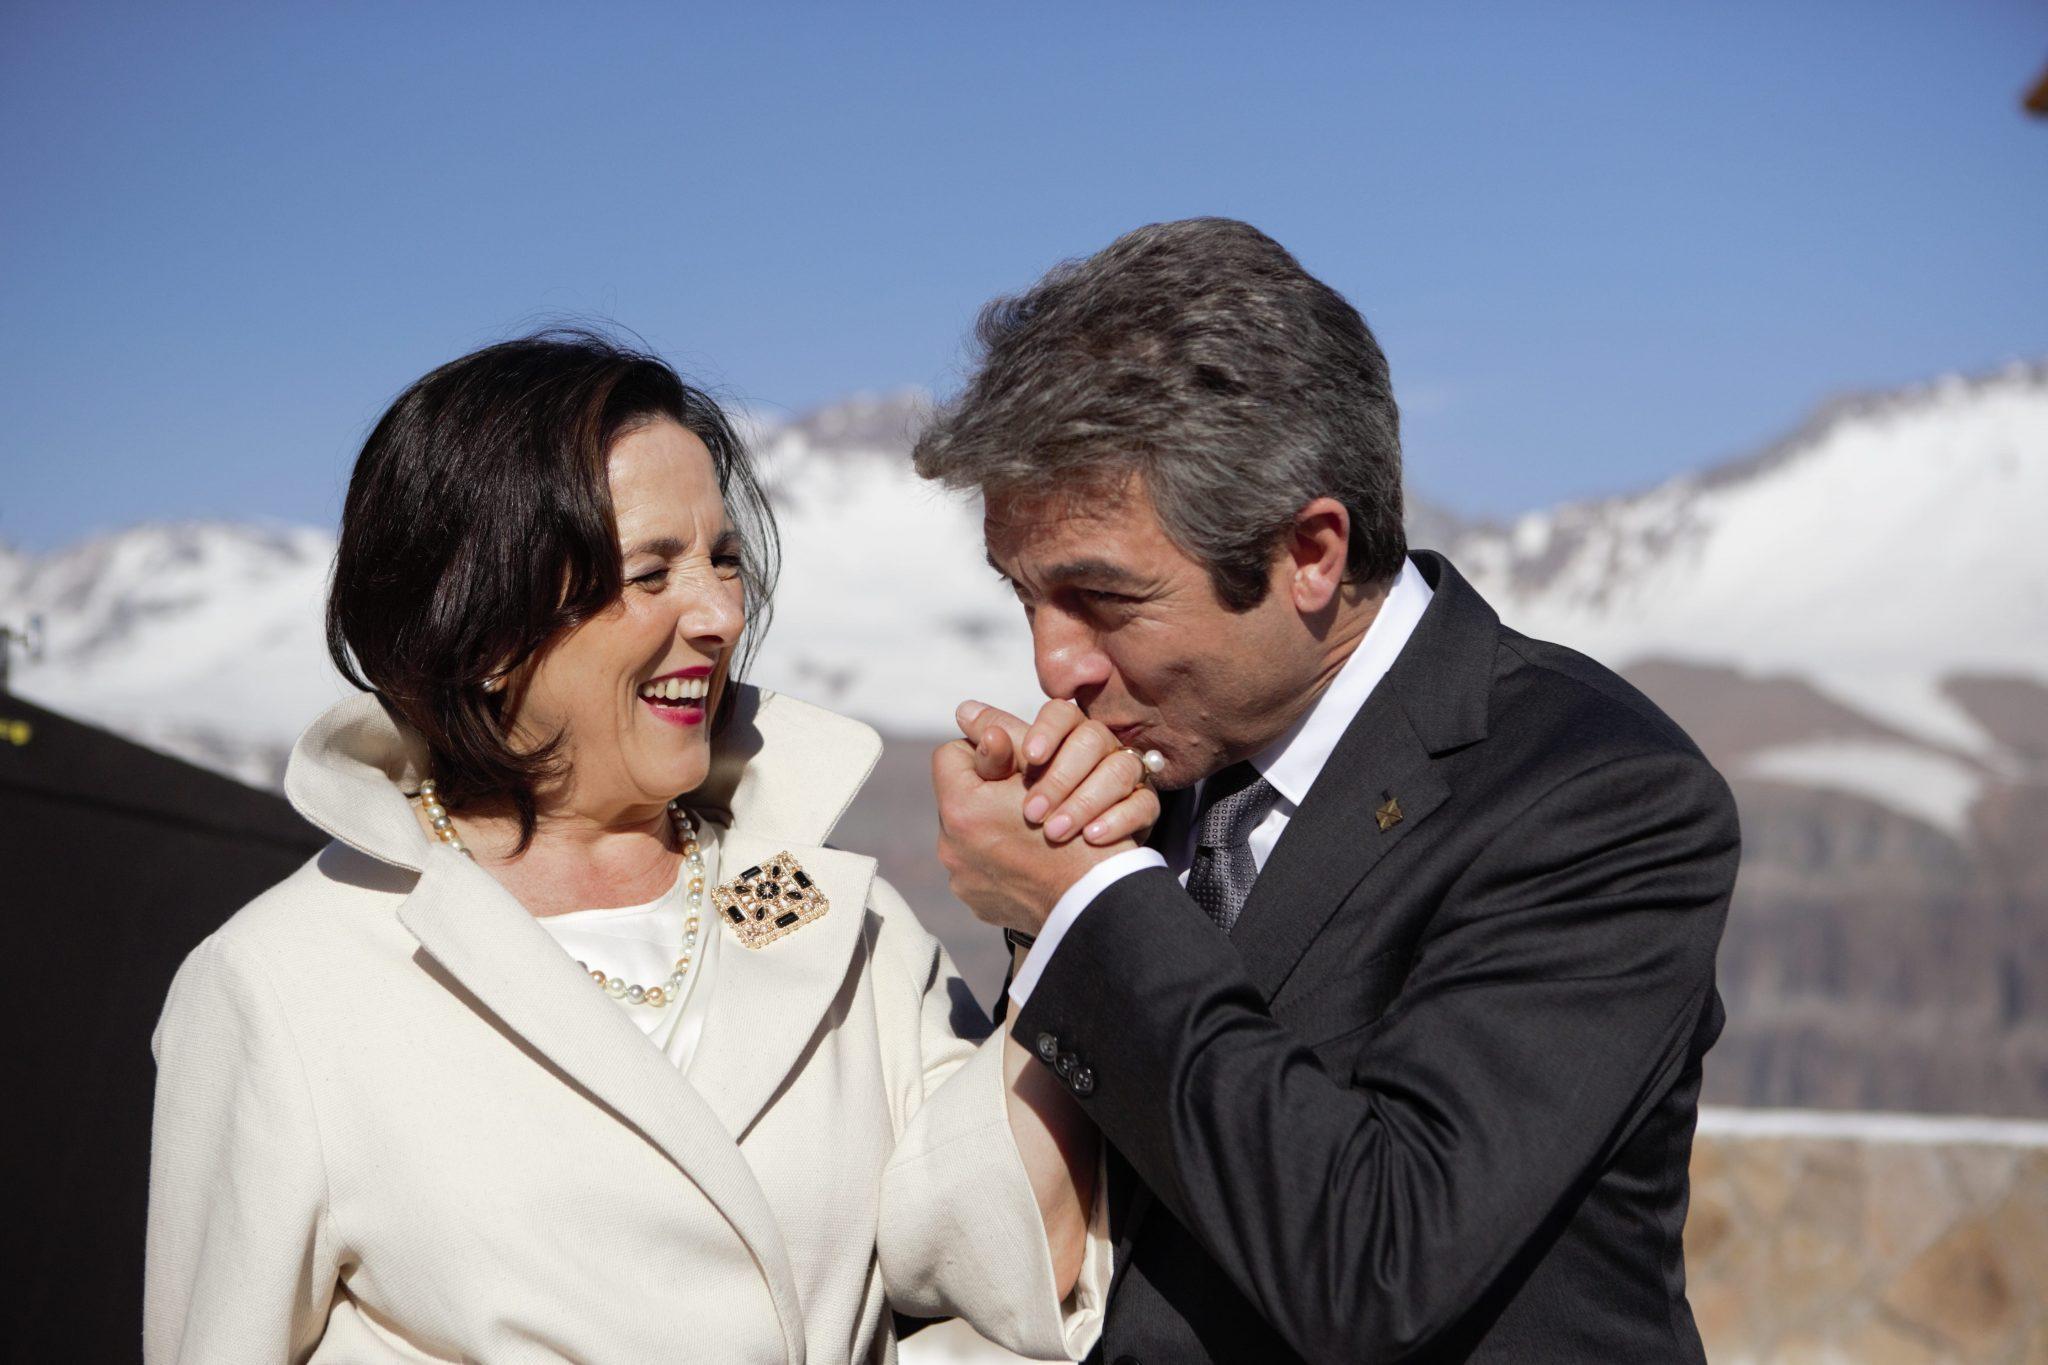 El Presidente Santiago Mitre image 1